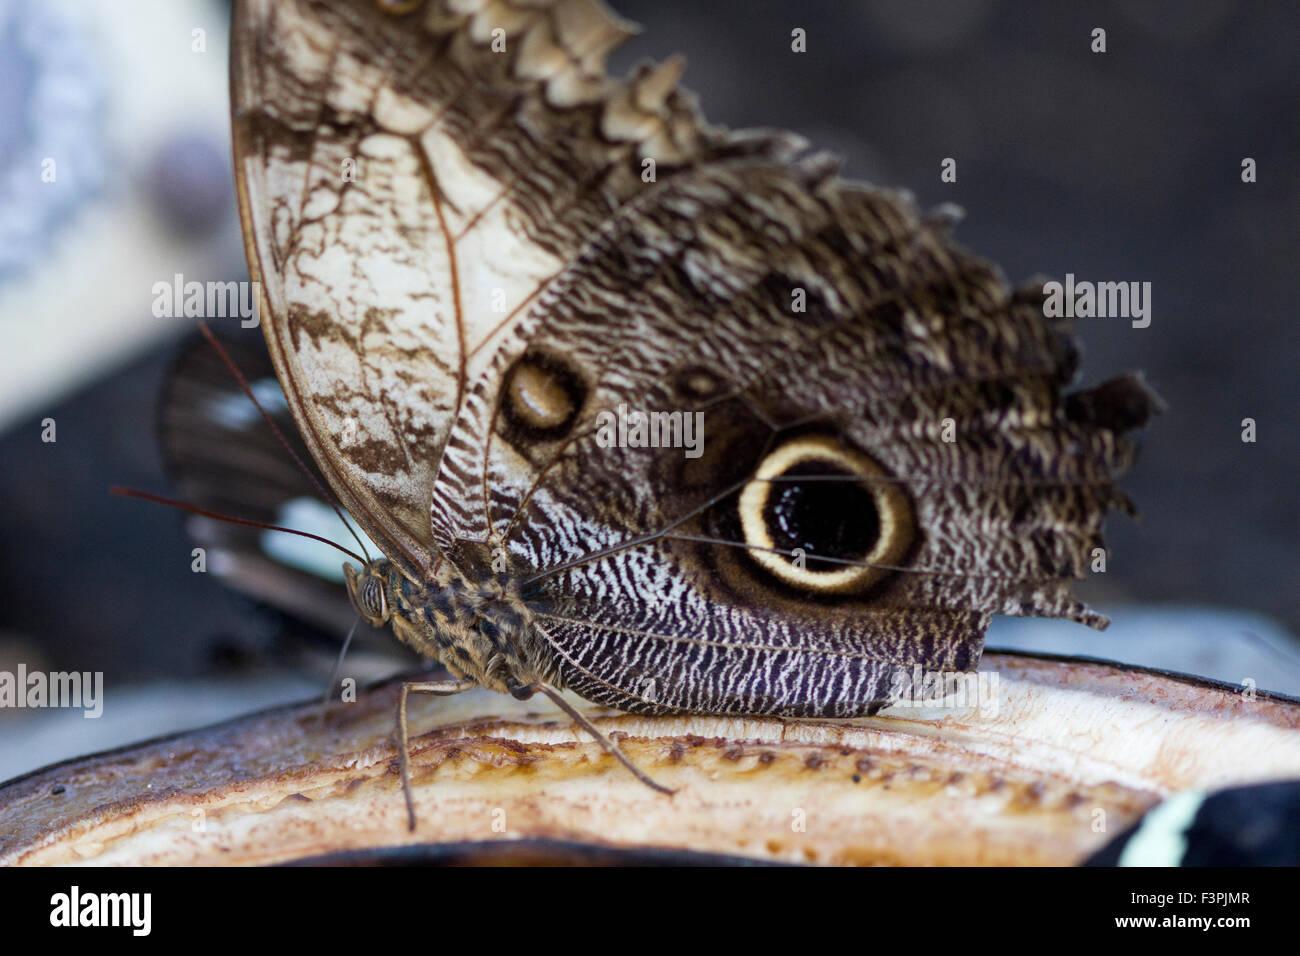 An Owl Butterfly (Caligo memnon) feeding. - Stock Image